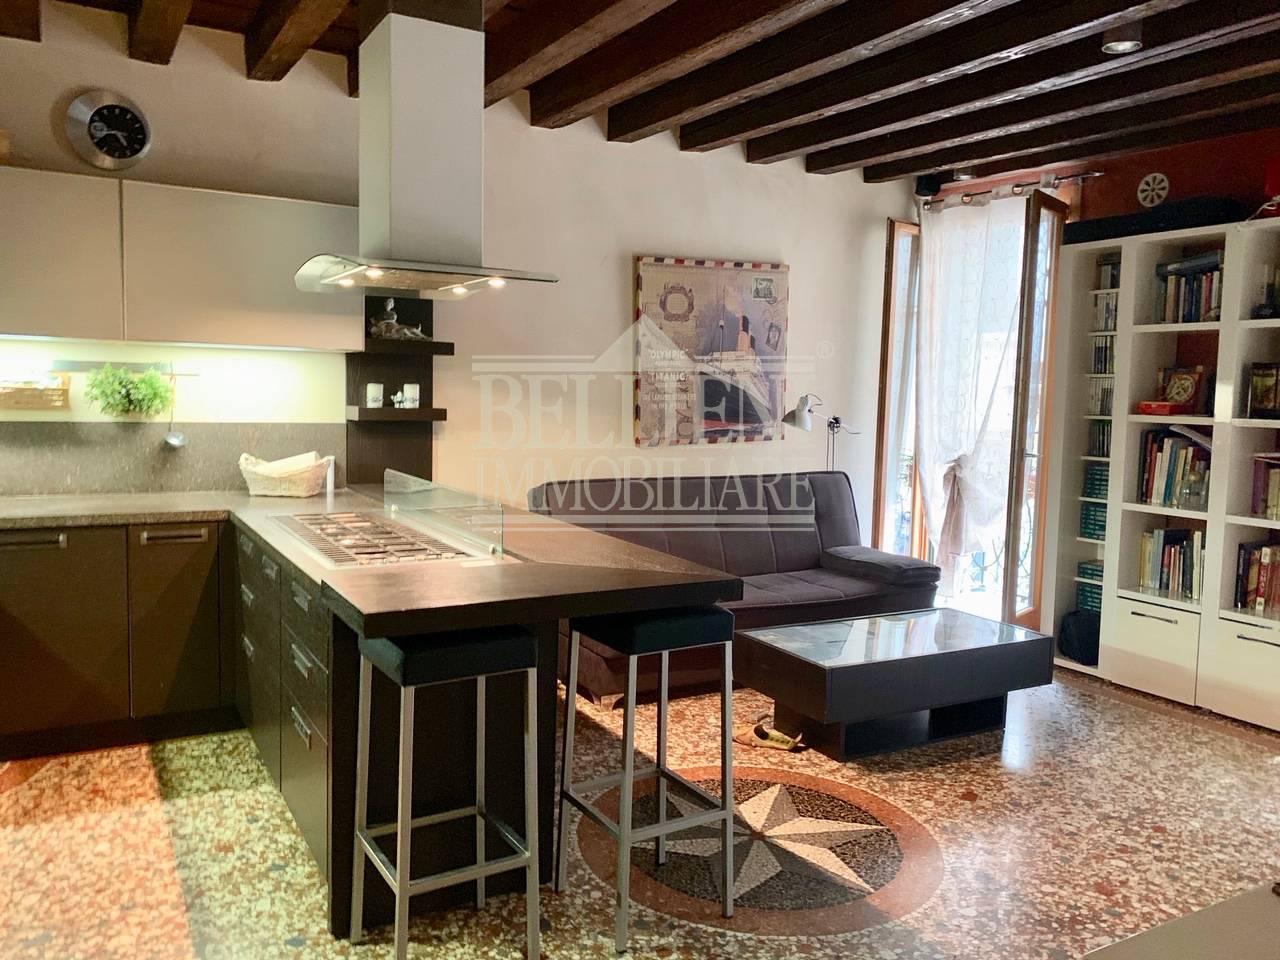 Appartamento in vendita a Vicenza, 3 locali, zona Località: Centrostorico, prezzo € 290.000 | CambioCasa.it